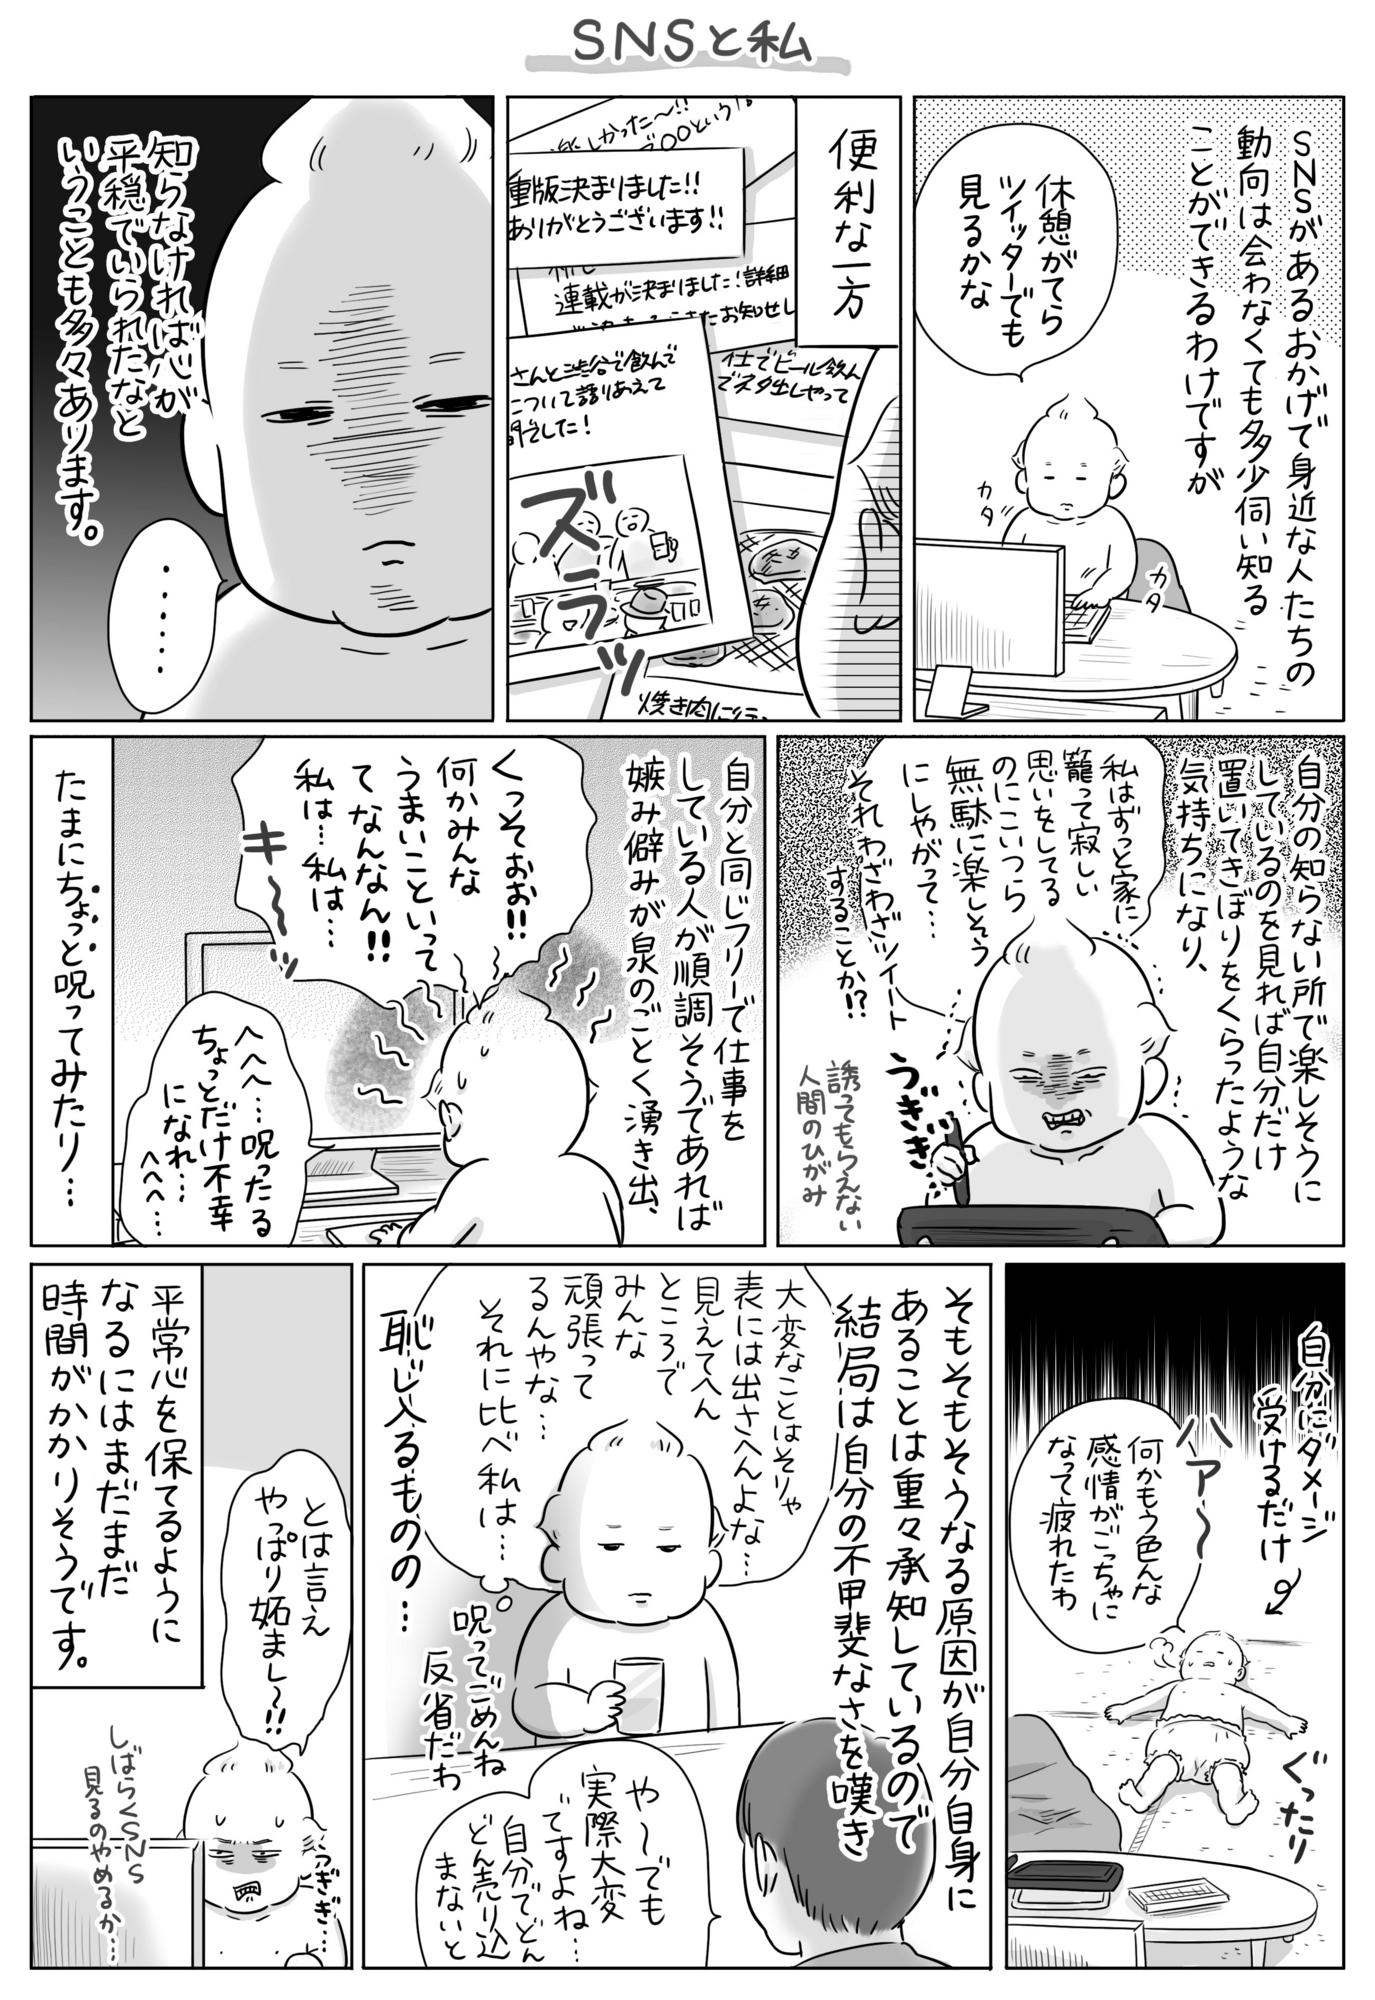 f:id:kakijiro:20160208145519j:plain